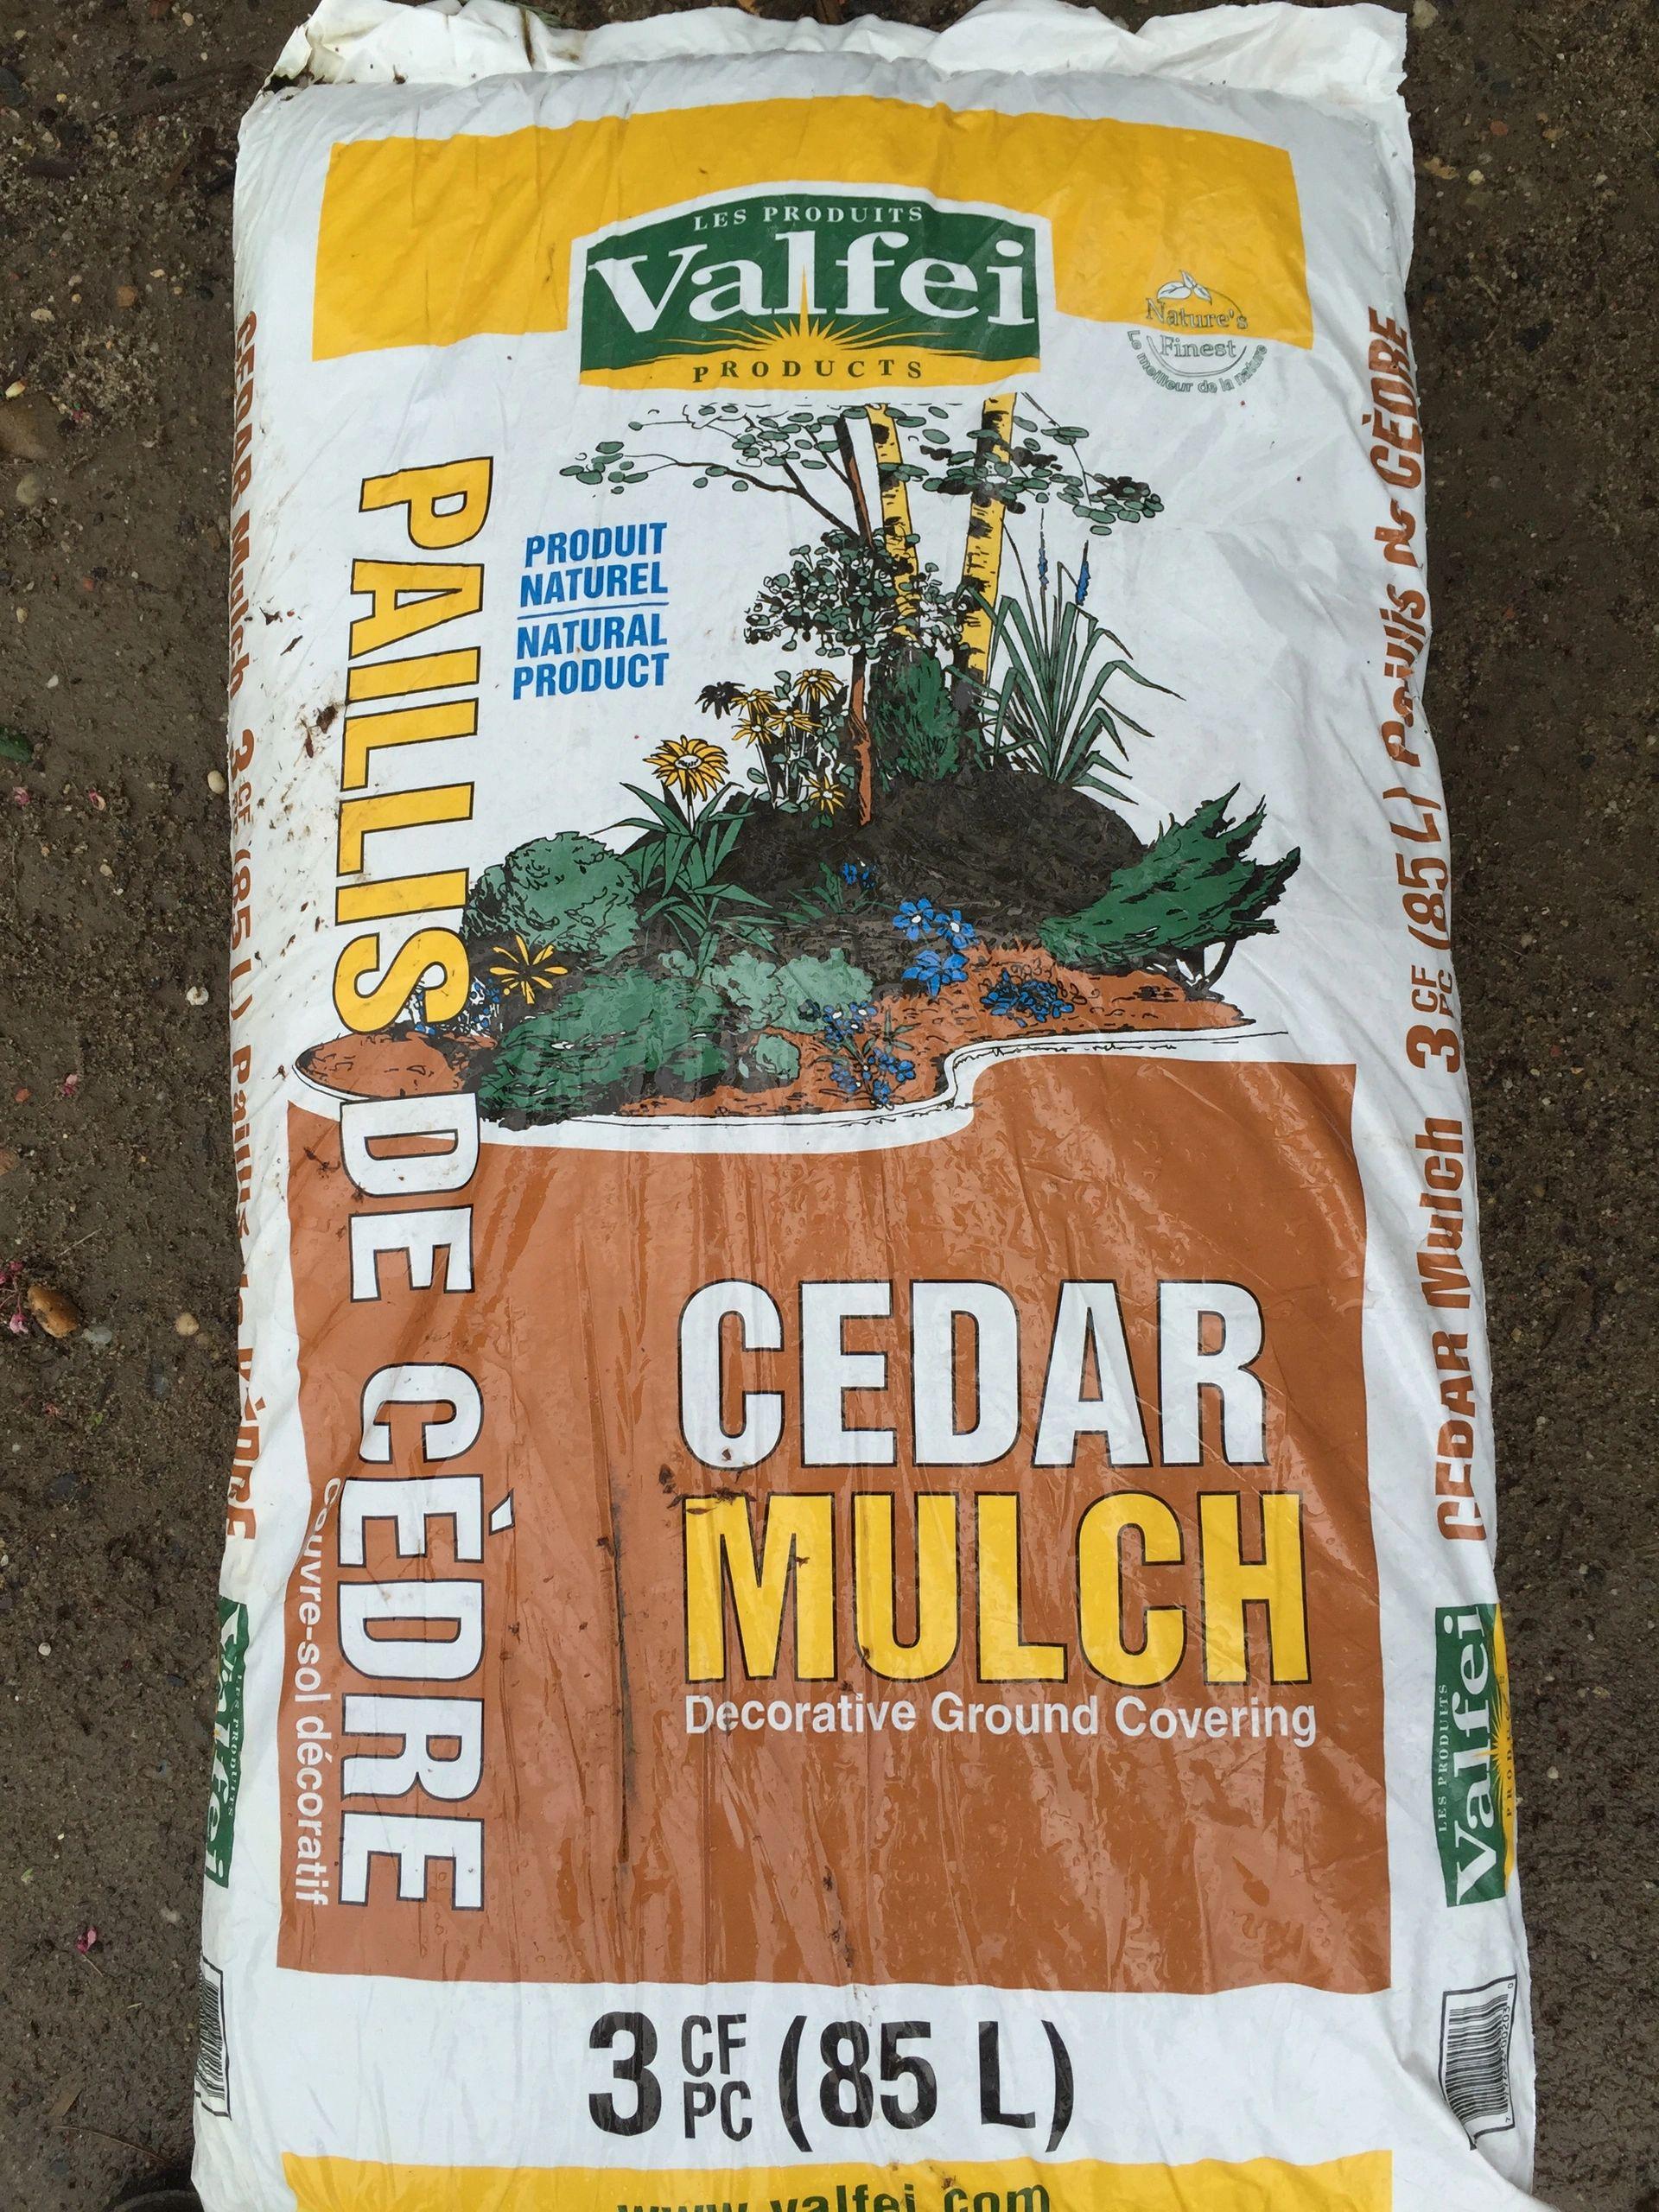 Valfei Cedar Natural Mulch